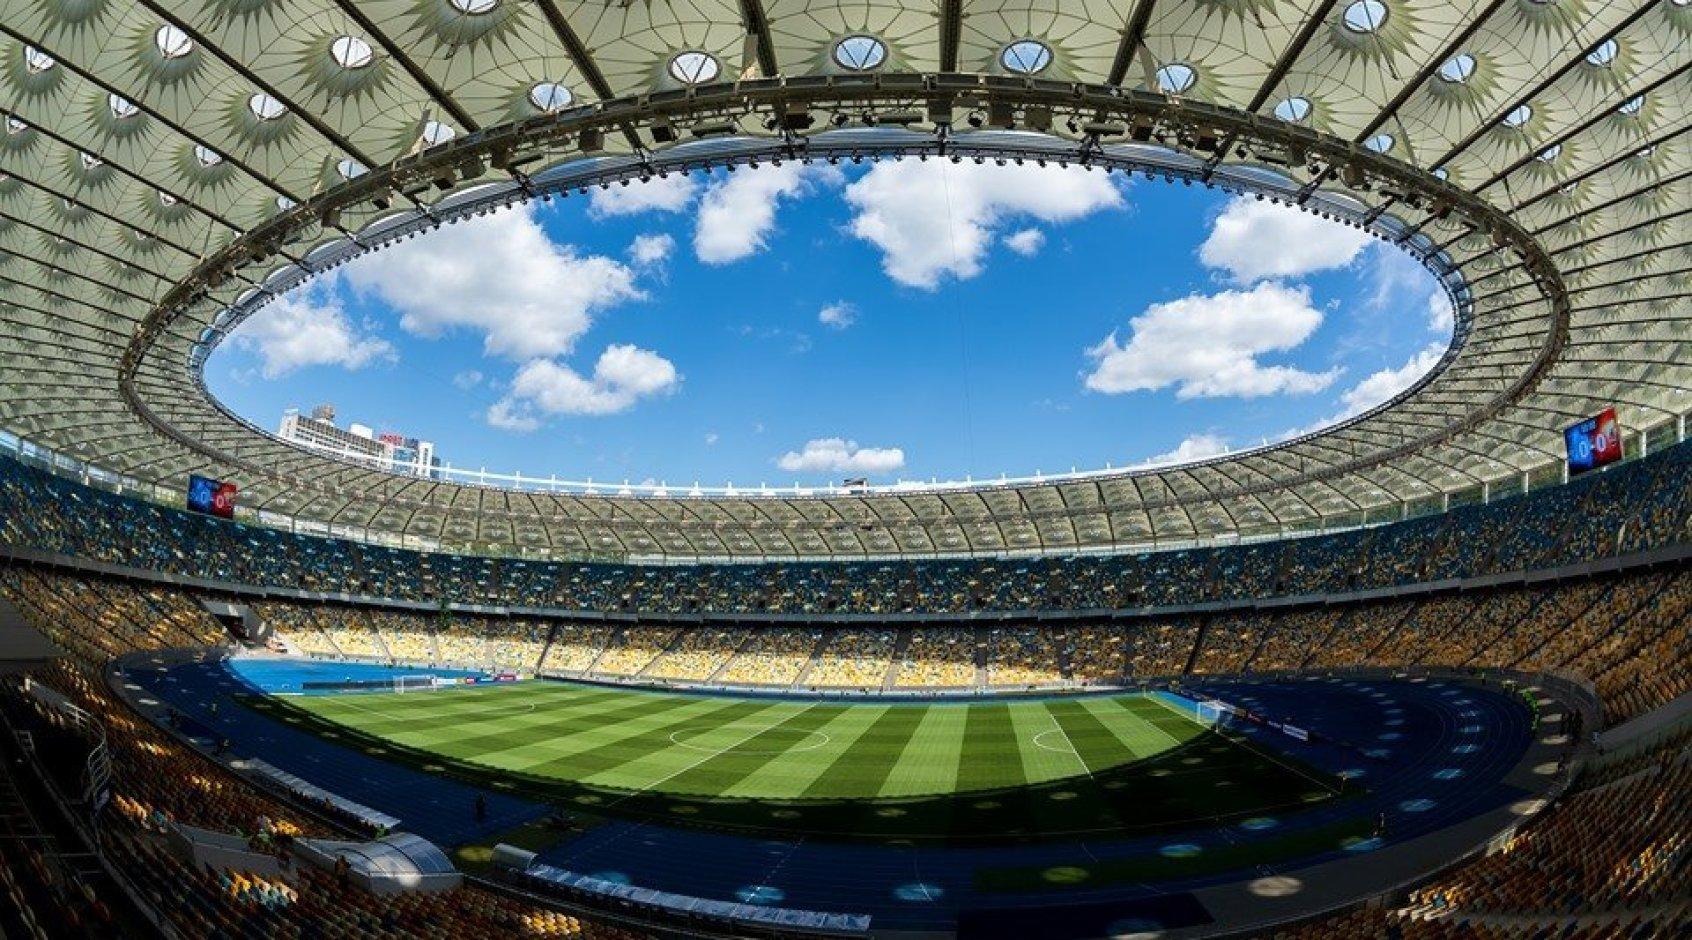 Затверджено список стадіонів, які відповідають критеріям категорій УАФ